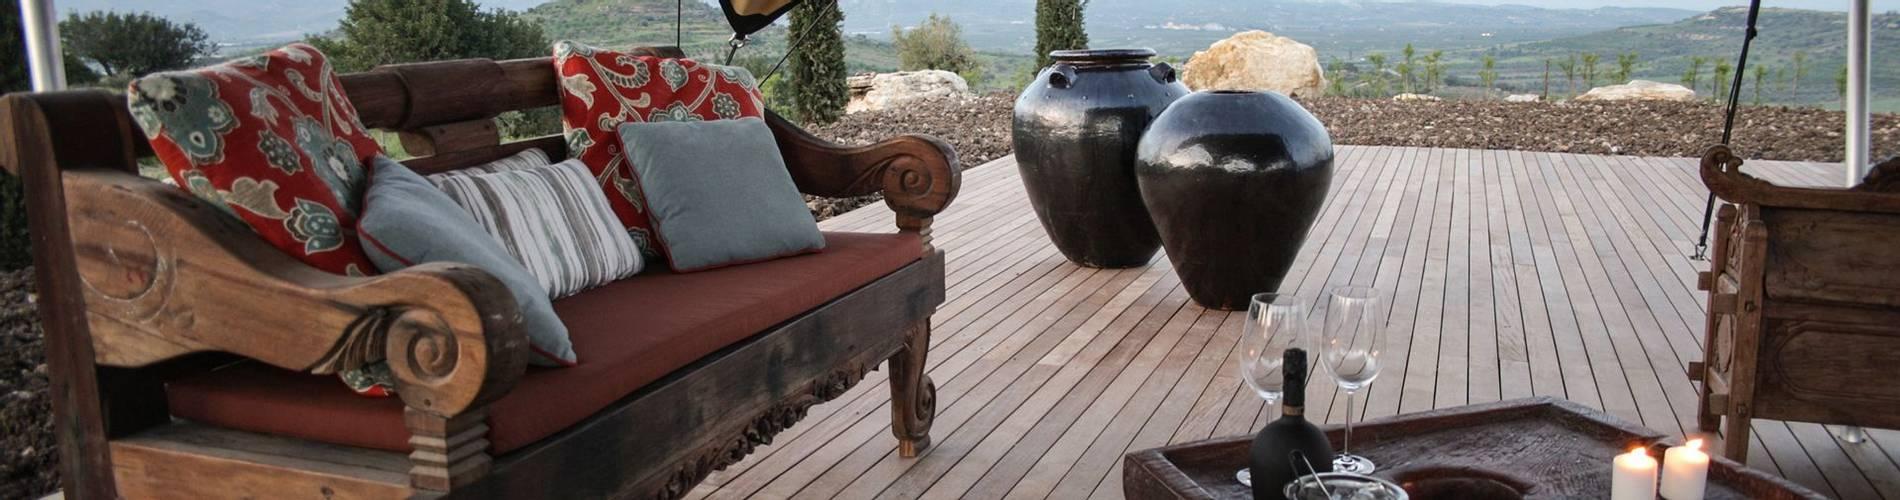 Masseria Della Volpe, Sicily, Italy (2).jpg